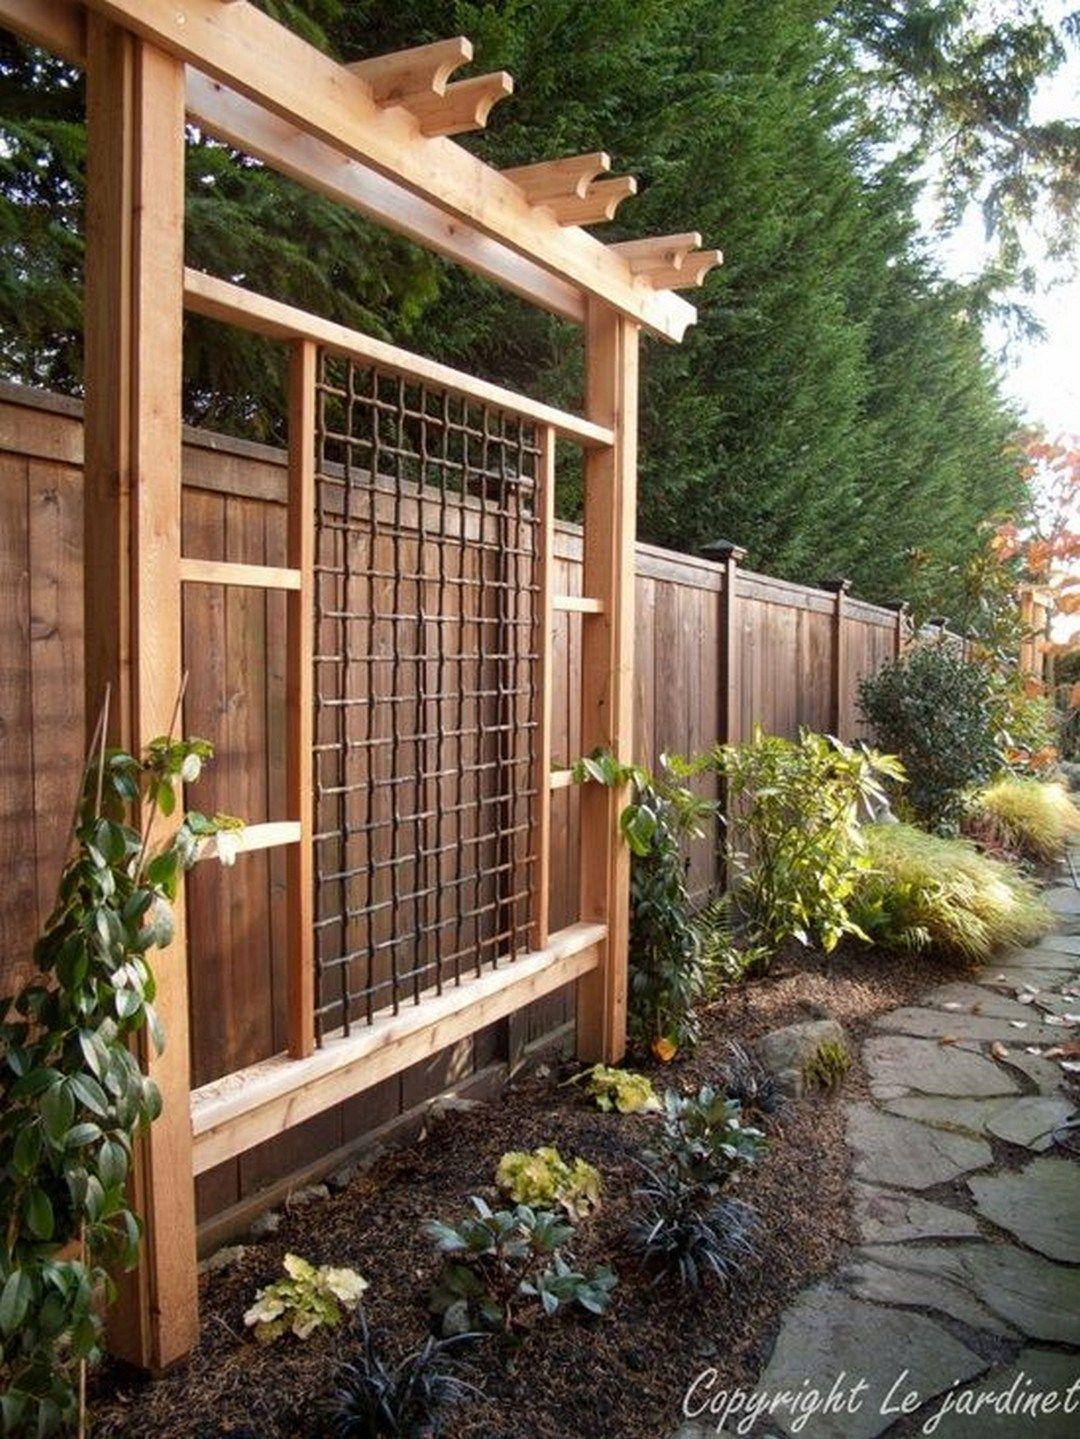 DIY Backyard Pergola Trellis Ideas To Enhance The Outdoor Life (8) - DIY Backyard Pergola Trellis Ideas To Enhance The Outdoor Life (8